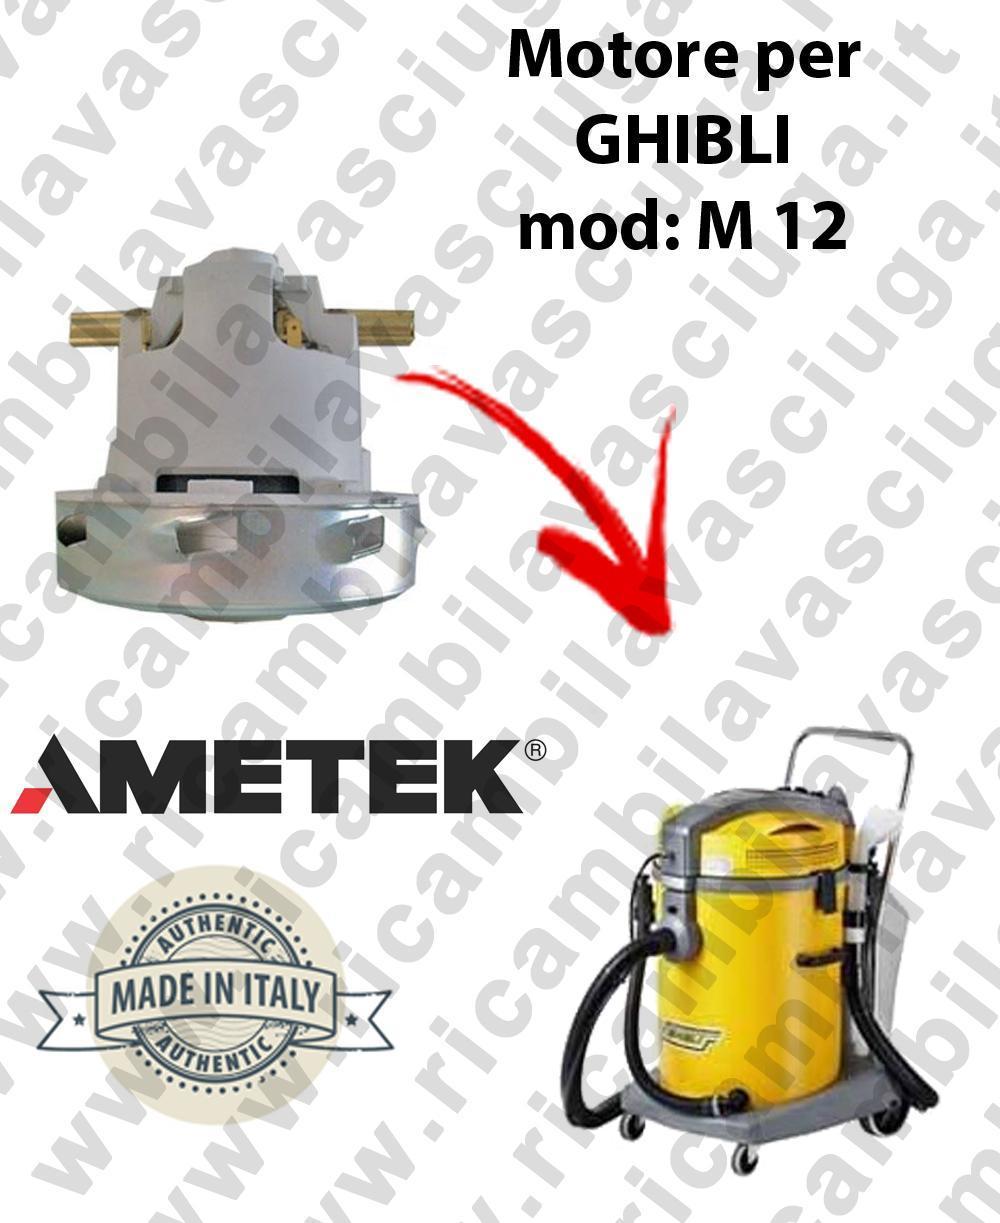 M 12 Saugmotor AMETEK für Staubsauger GHIBLI